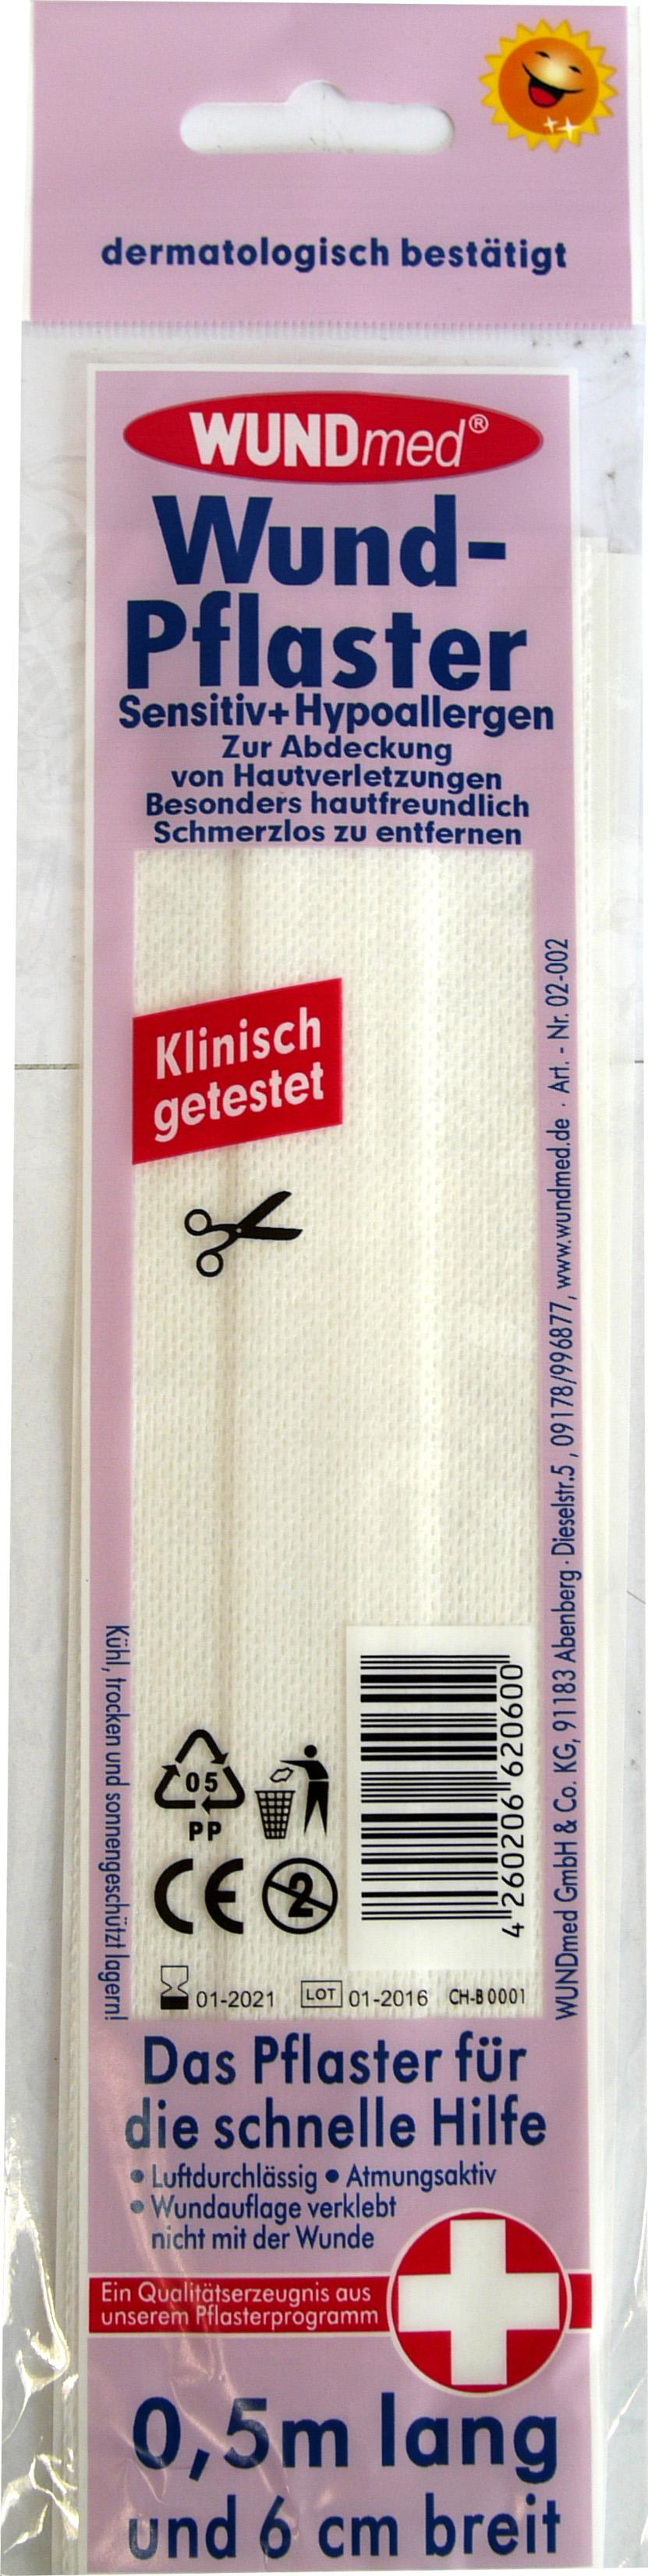 01793 - Wundpflaster 0,5m x6cm, sensitive-hypoallergen